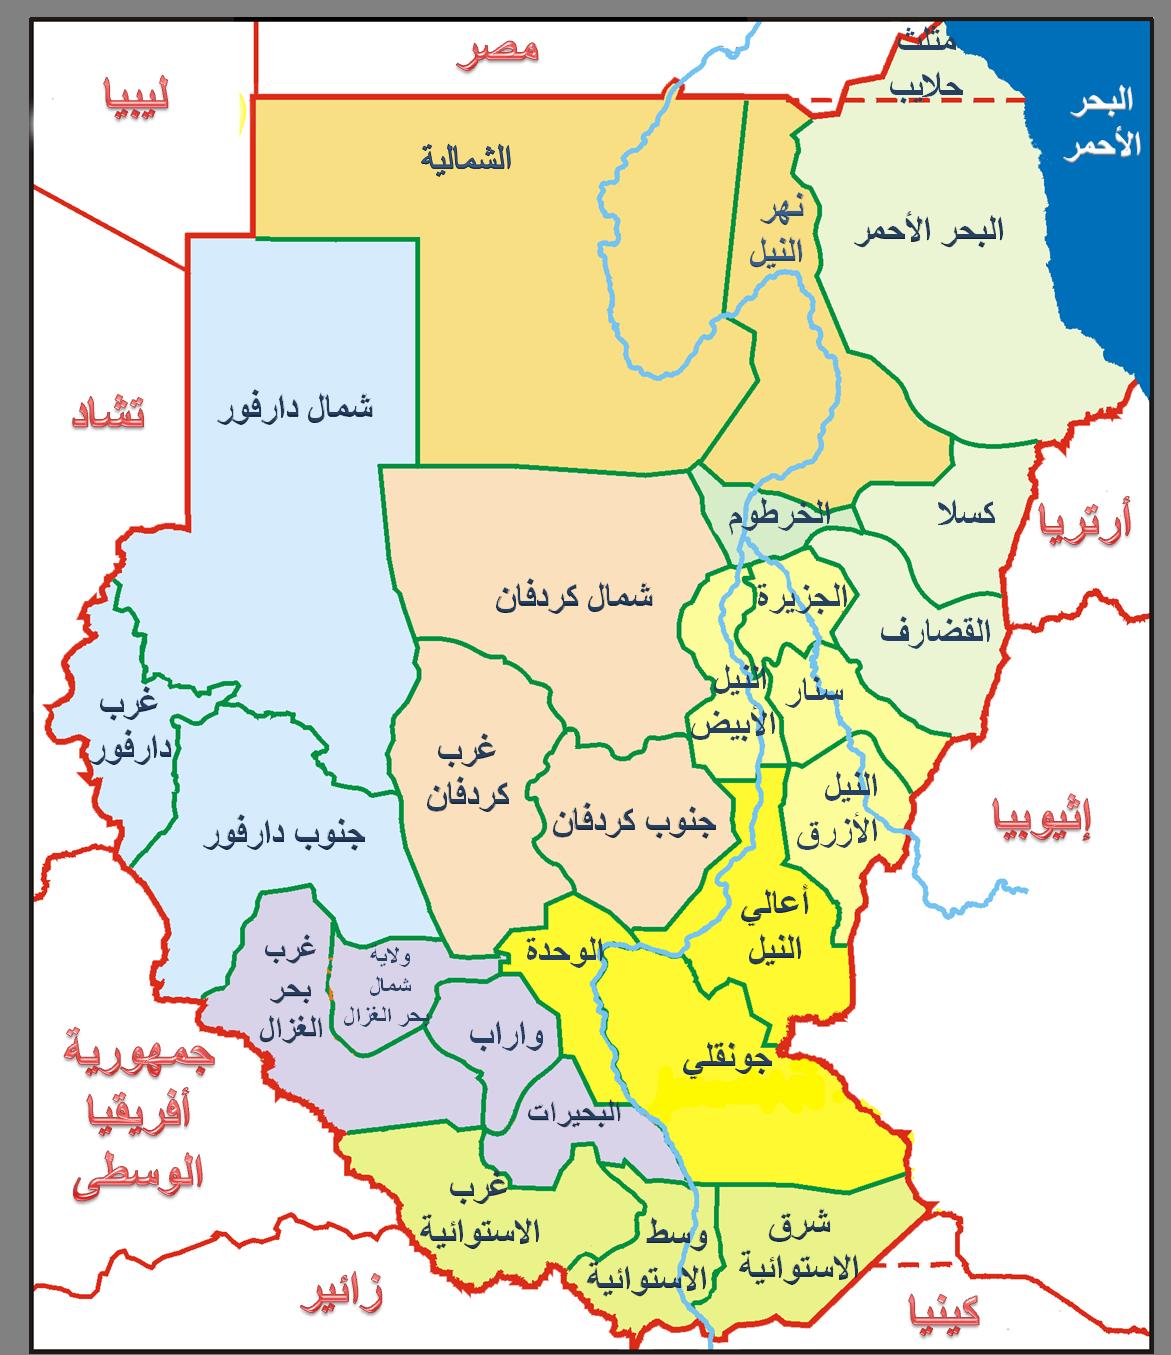 File:Sudan-adm-ru 1.png